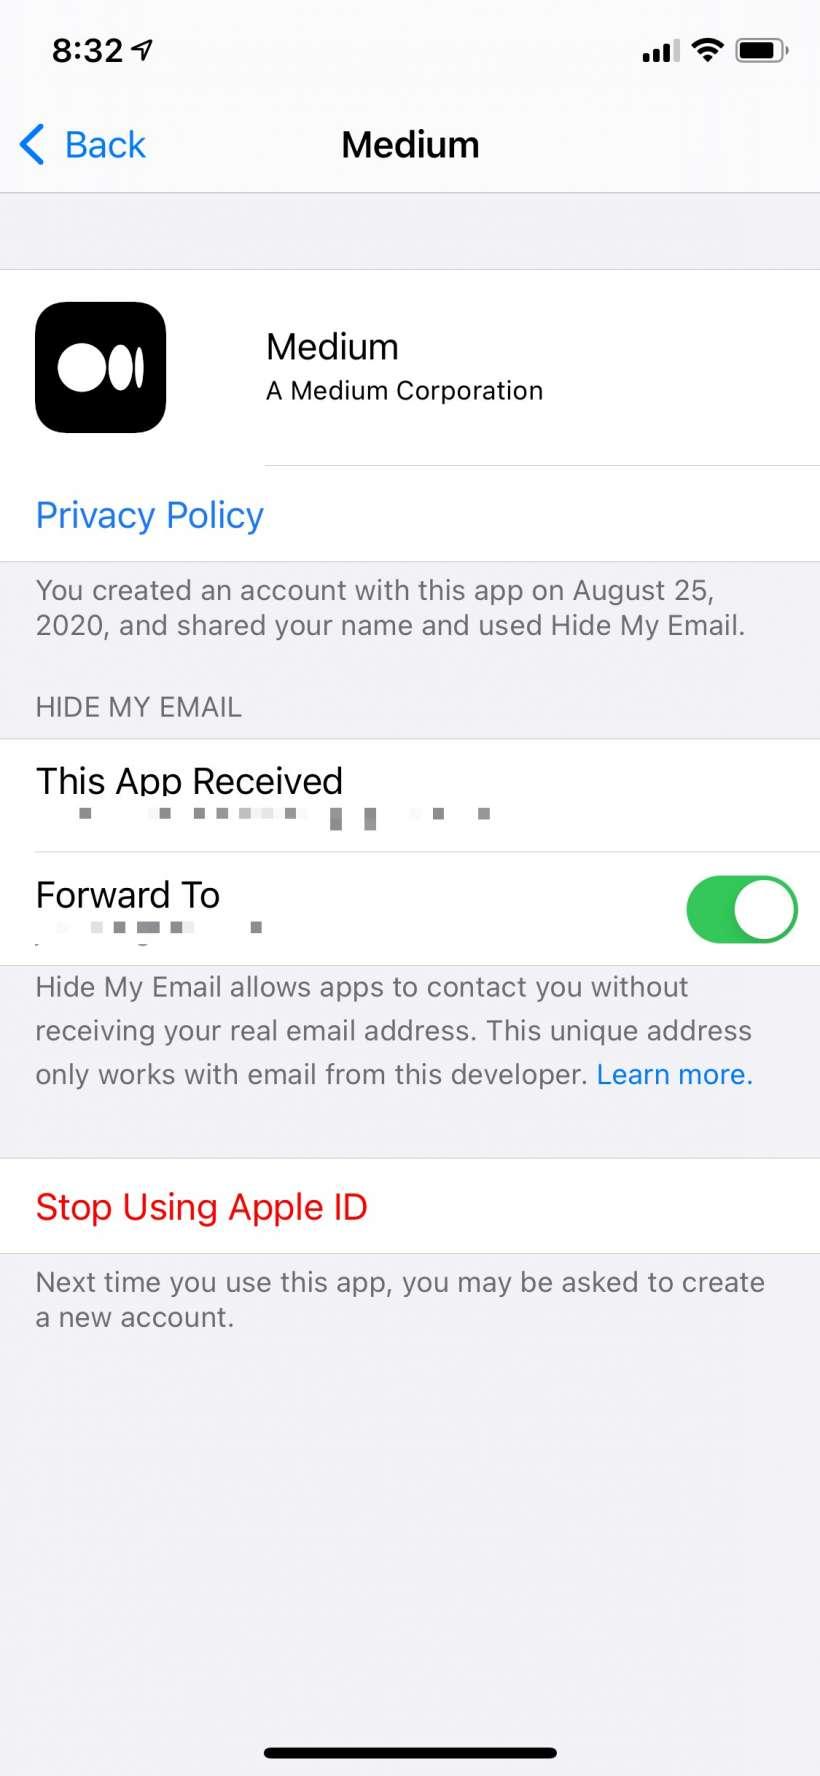 Cómo ver y gestionar qué aplicaciones utilizan el ID de Apple en el iPhone y el iPad.